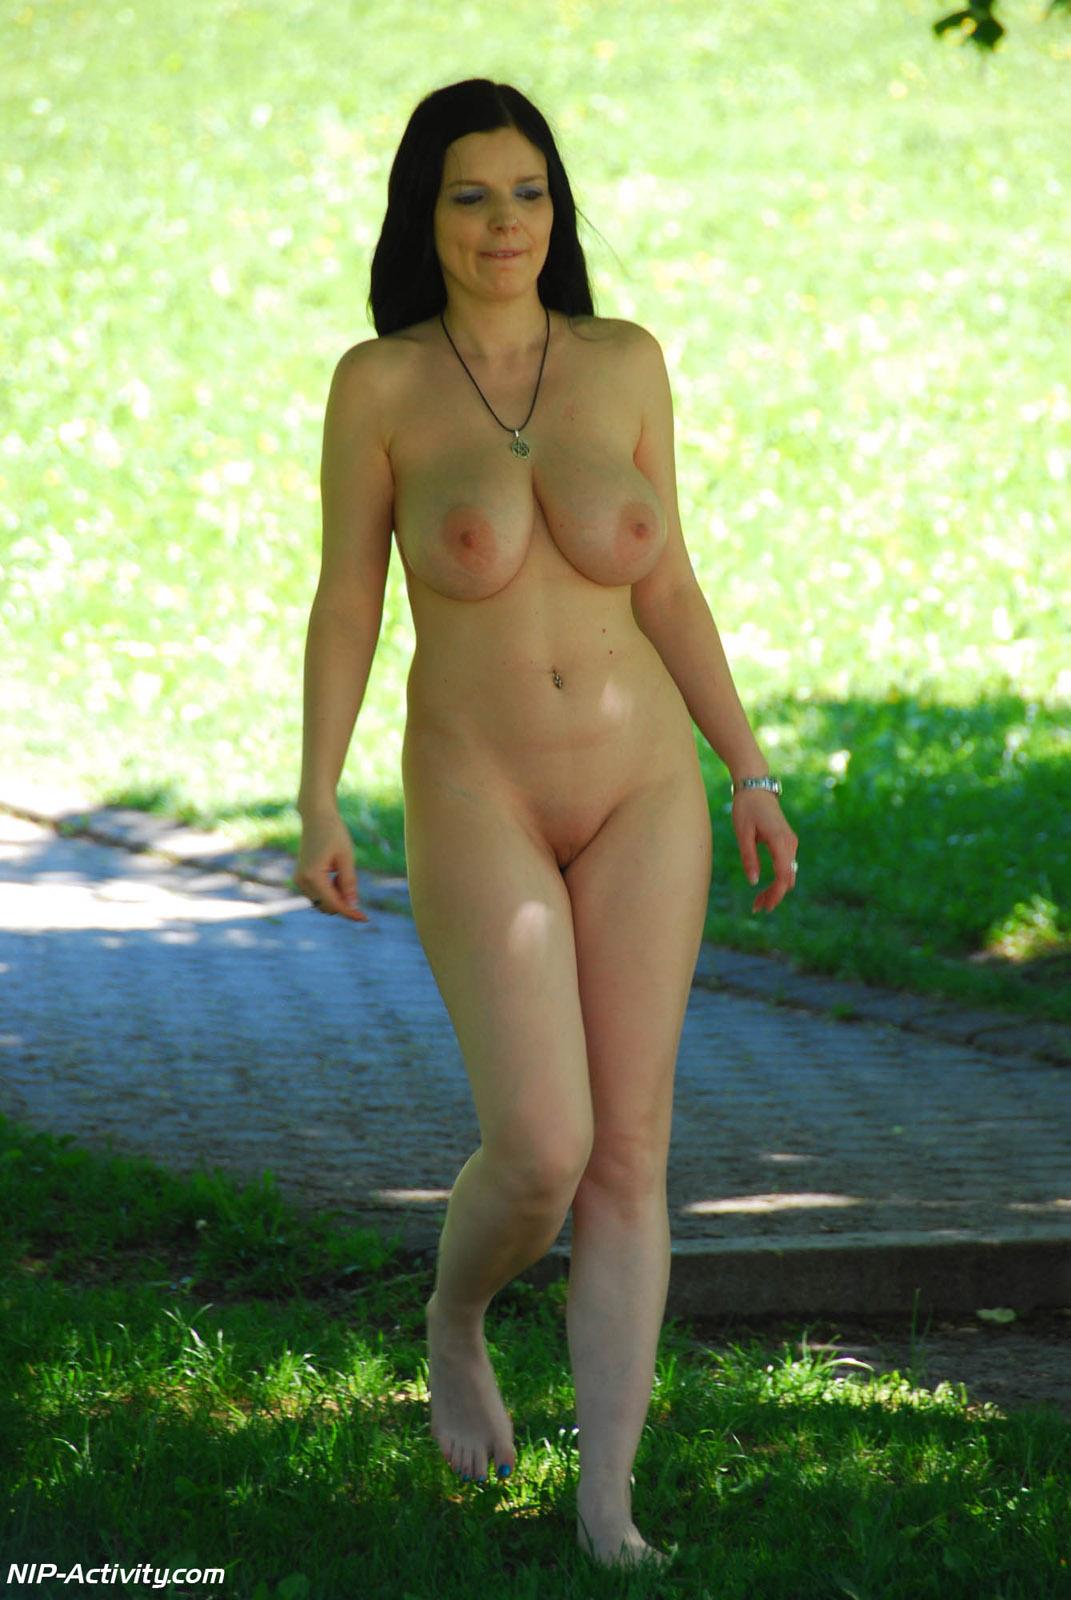 bridget marquardt nude pic